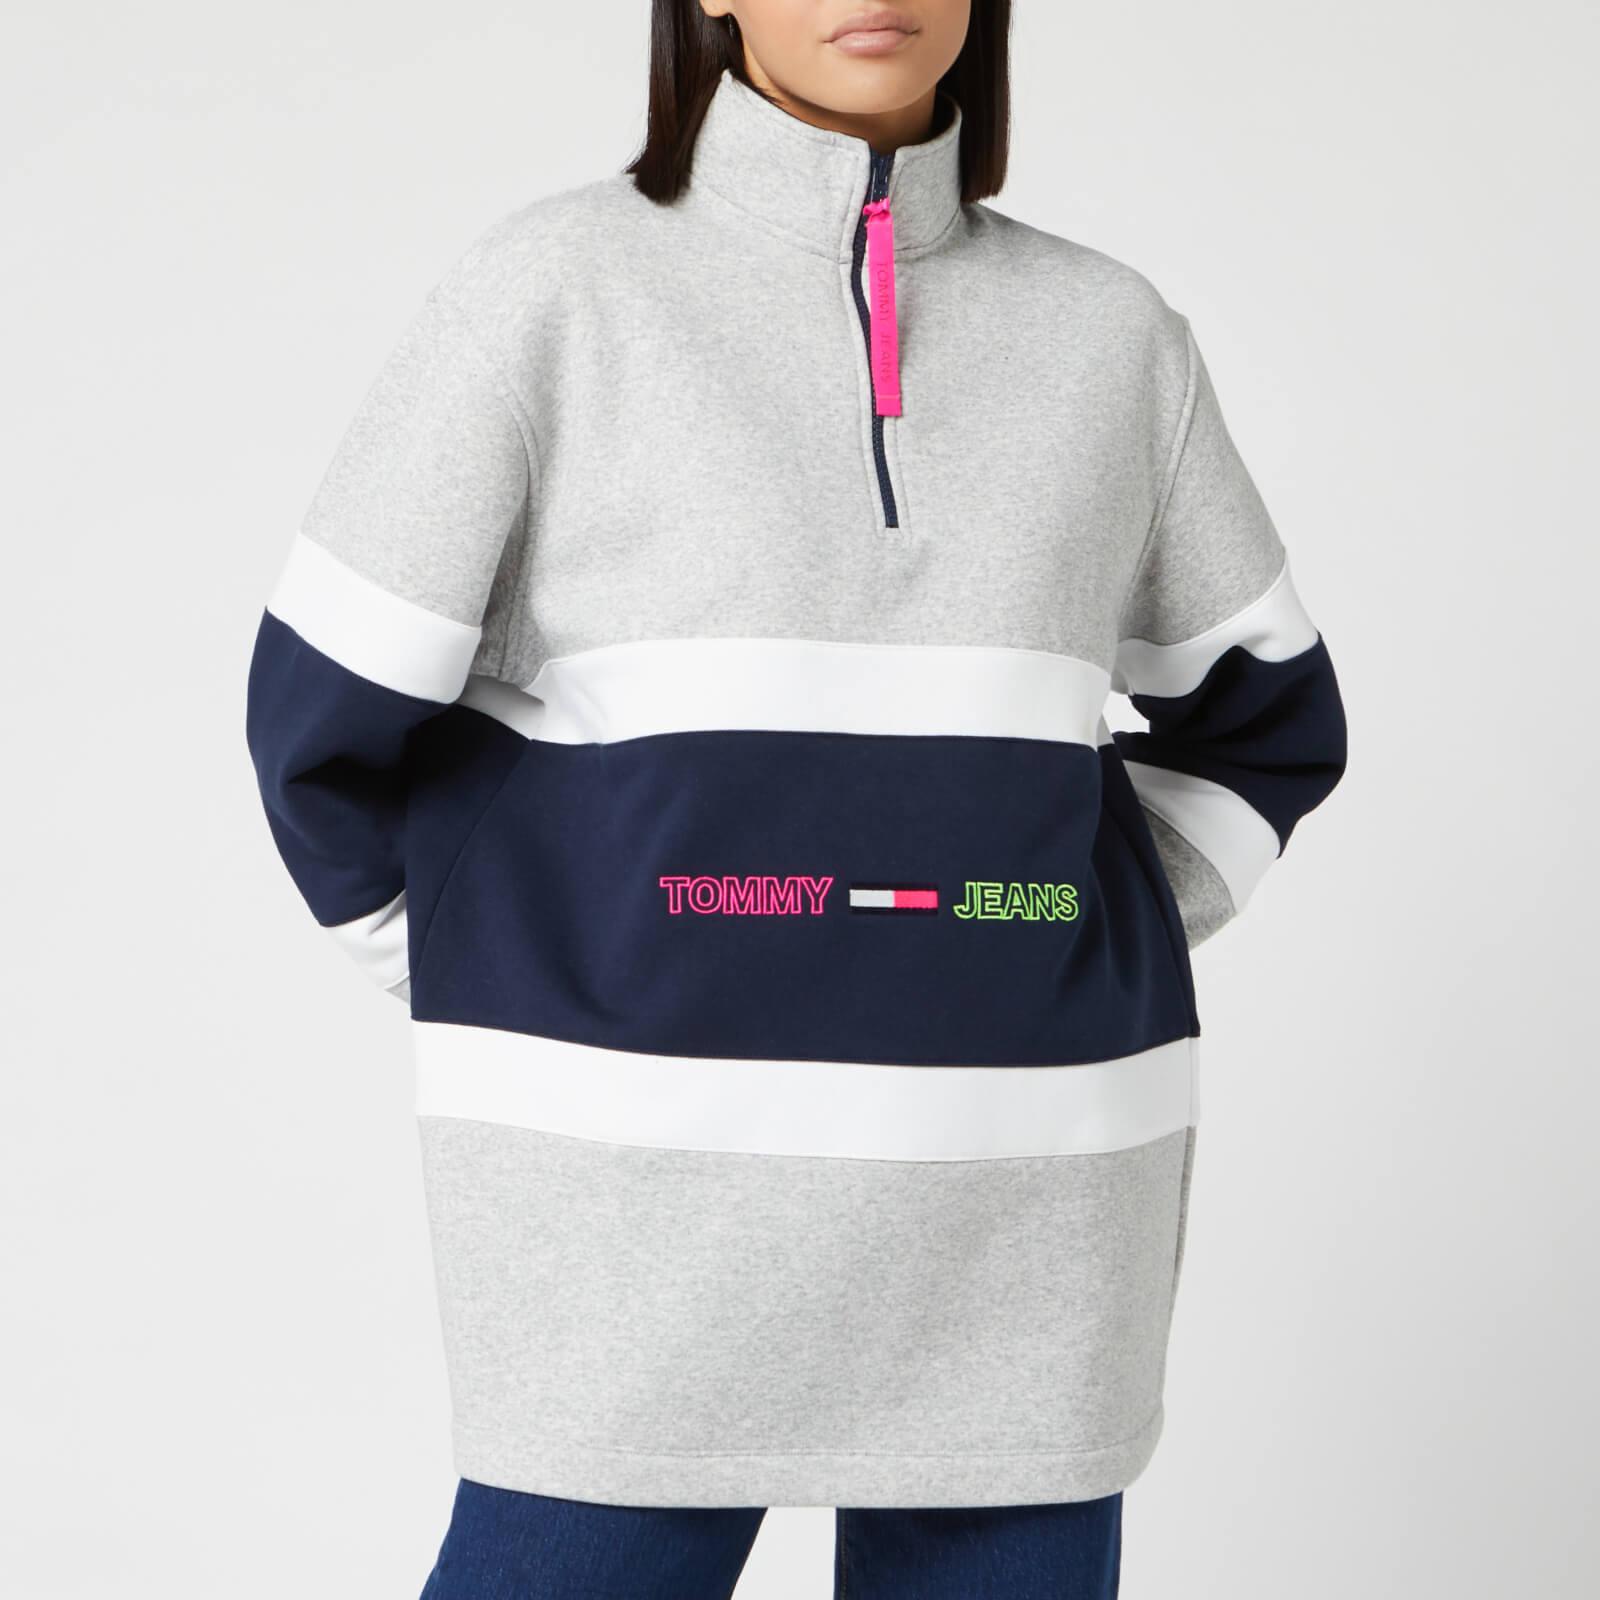 Tommy Jeans Women's Colourblock Mock Neck Sweatshirt - Light Grey Heather - XS